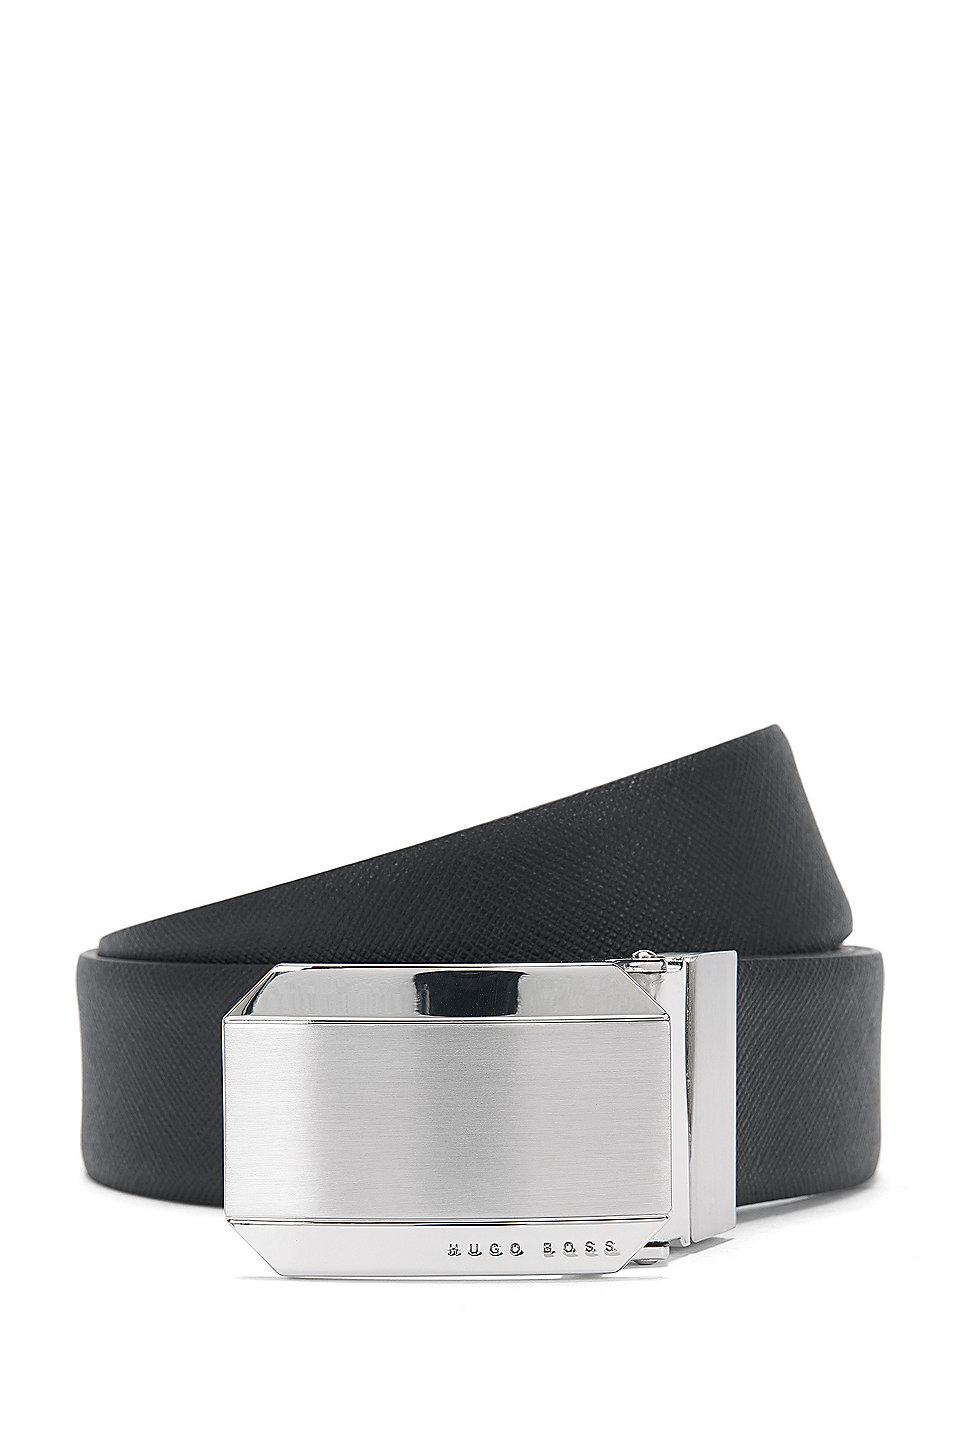 h designer belt bten  'Otello